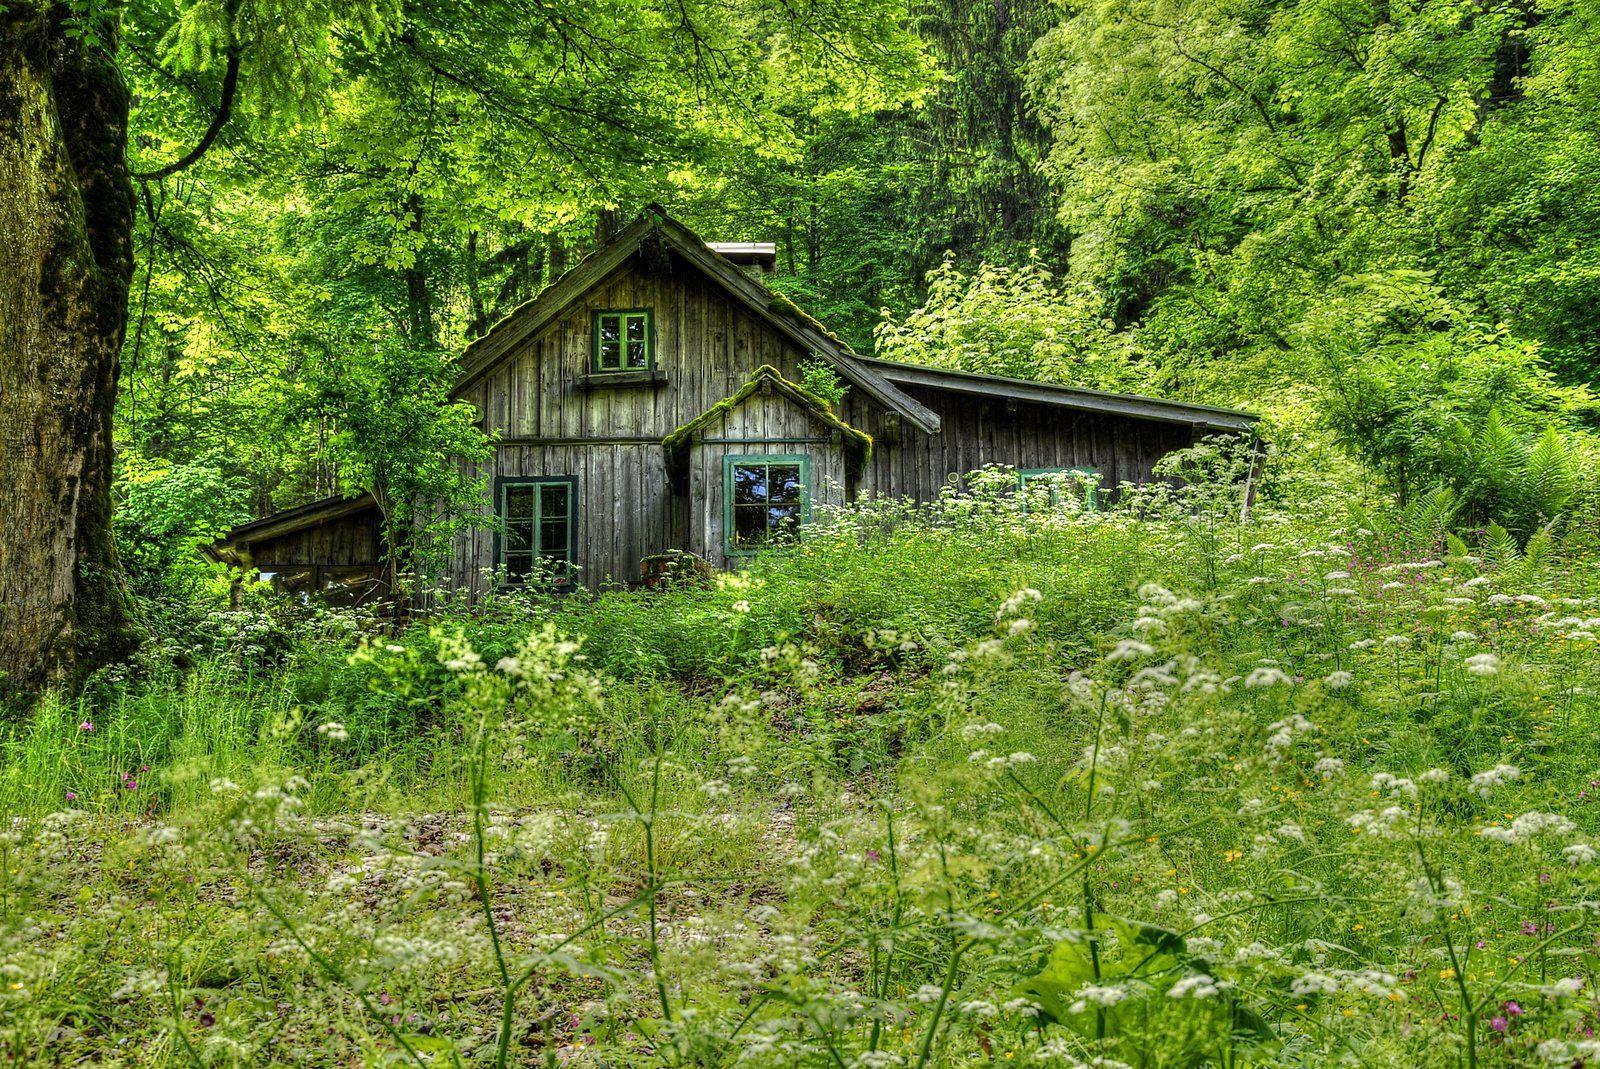 """Vaizdo rezultatas pagal užklausą """"forest old house"""""""